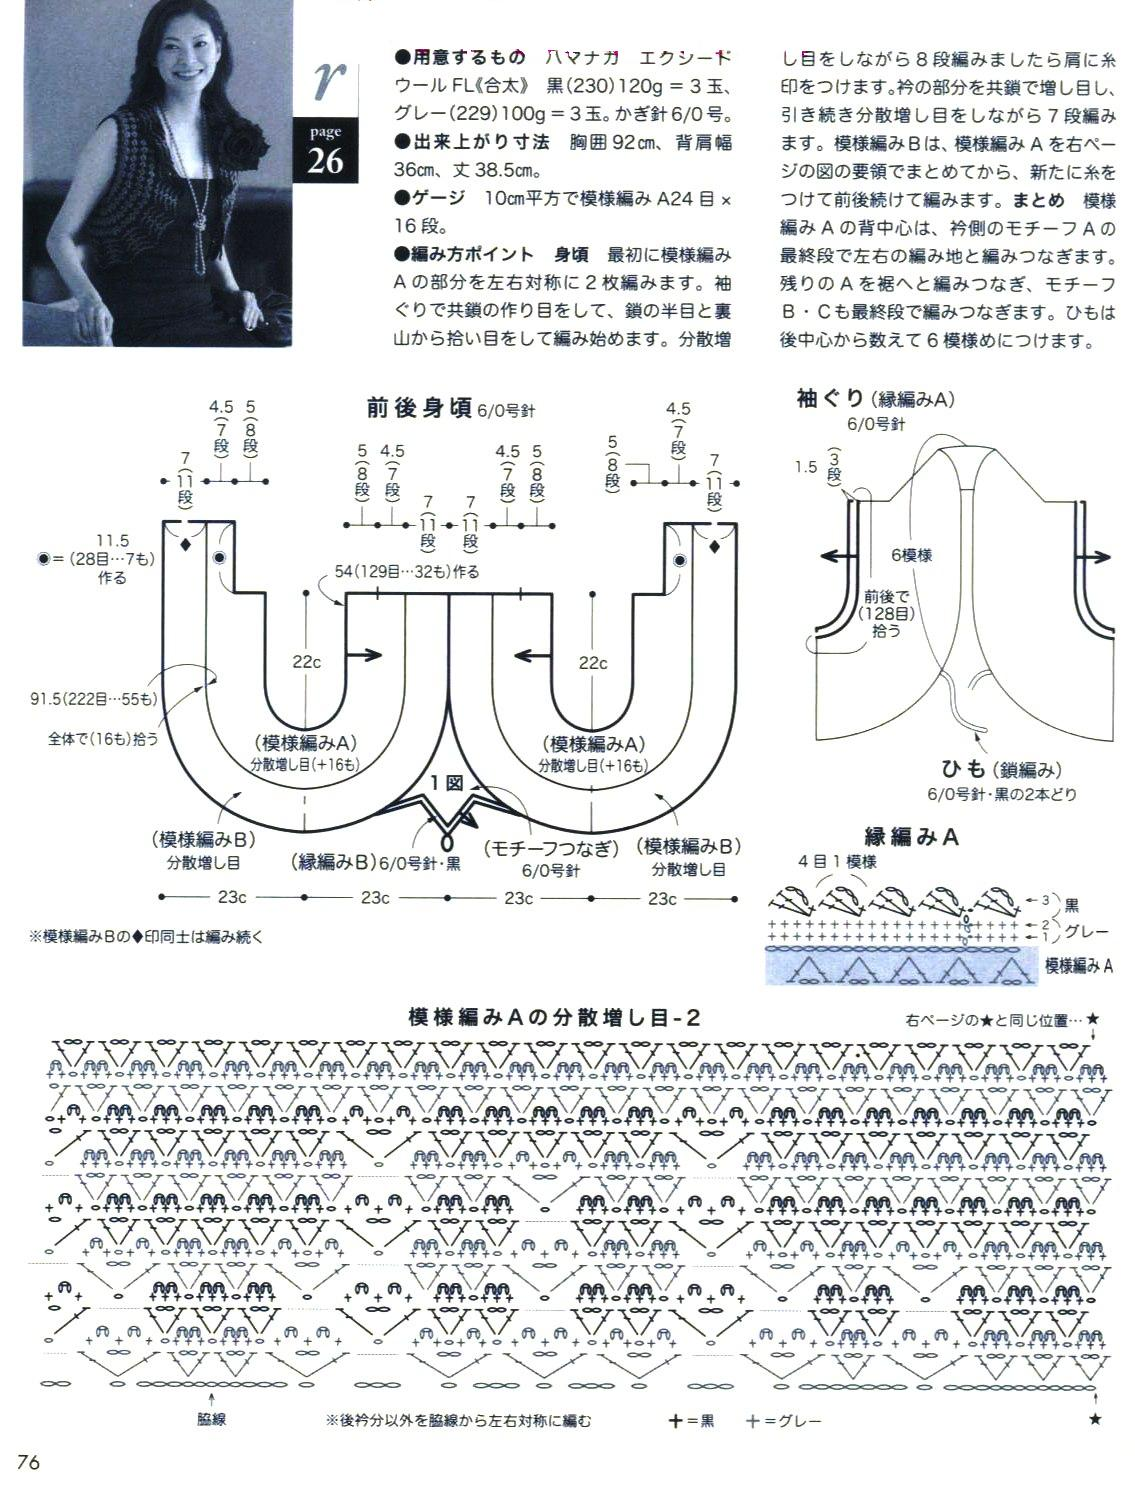 схема подключения двигателя звезда треугольник.